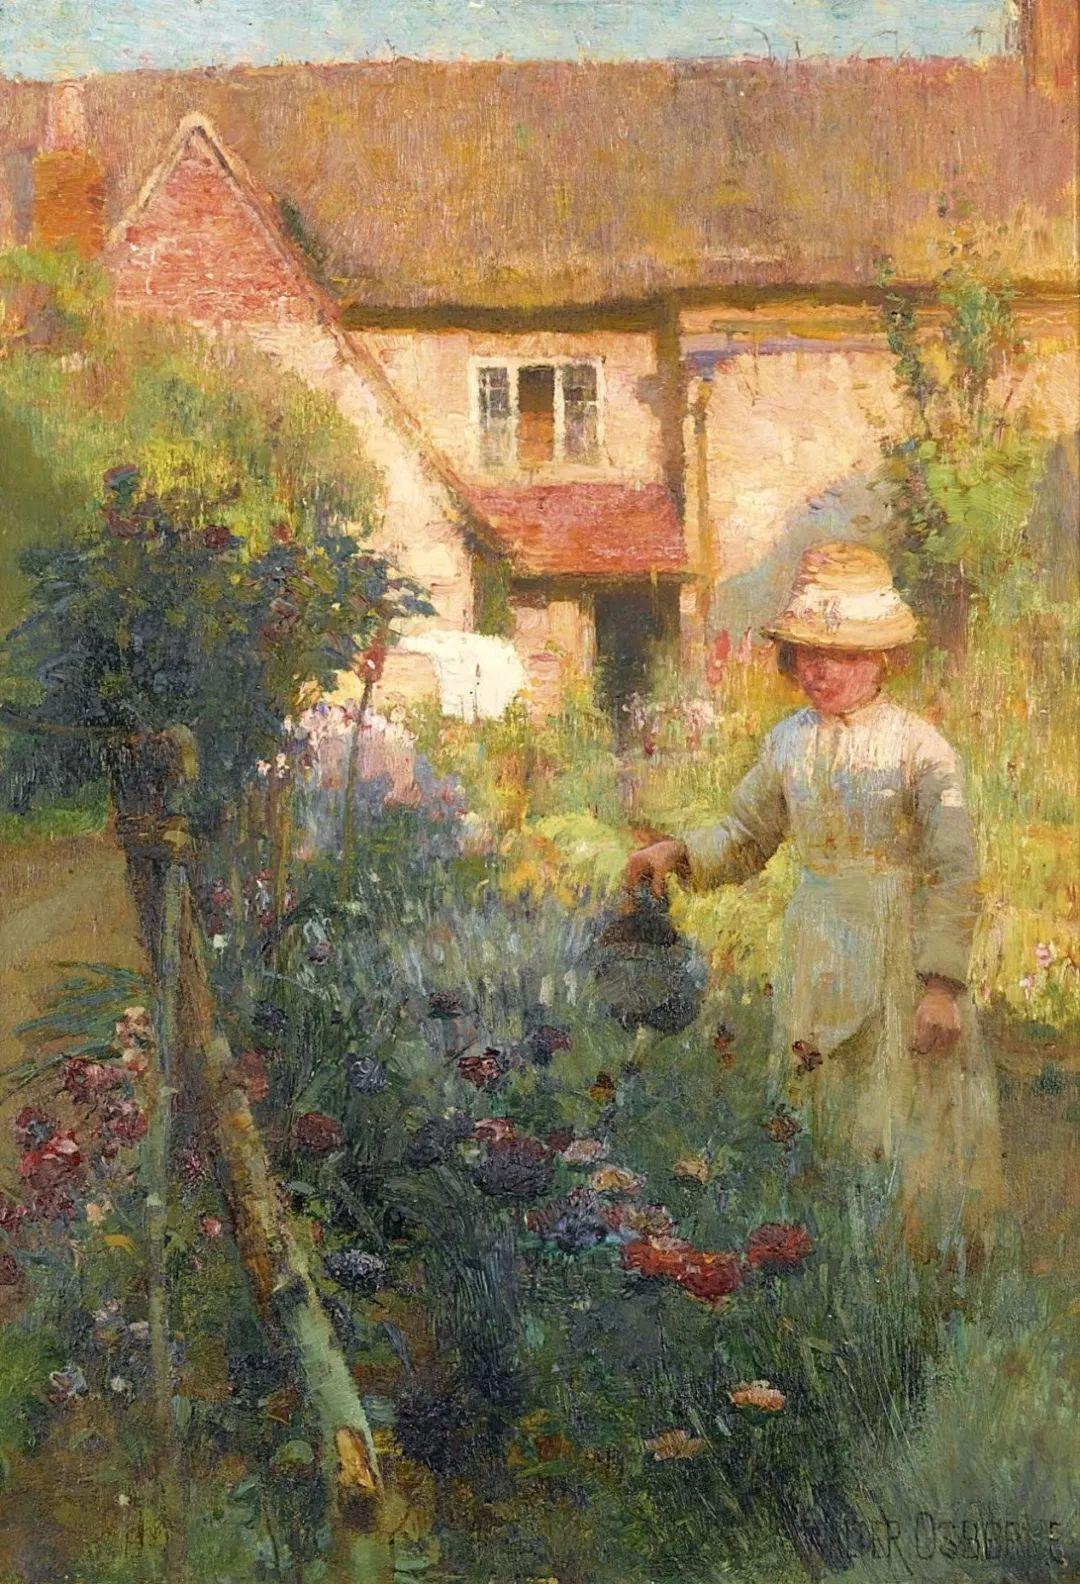 穷人的纪实描绘,爱尔兰画家Walter Frederick Osborne插图16